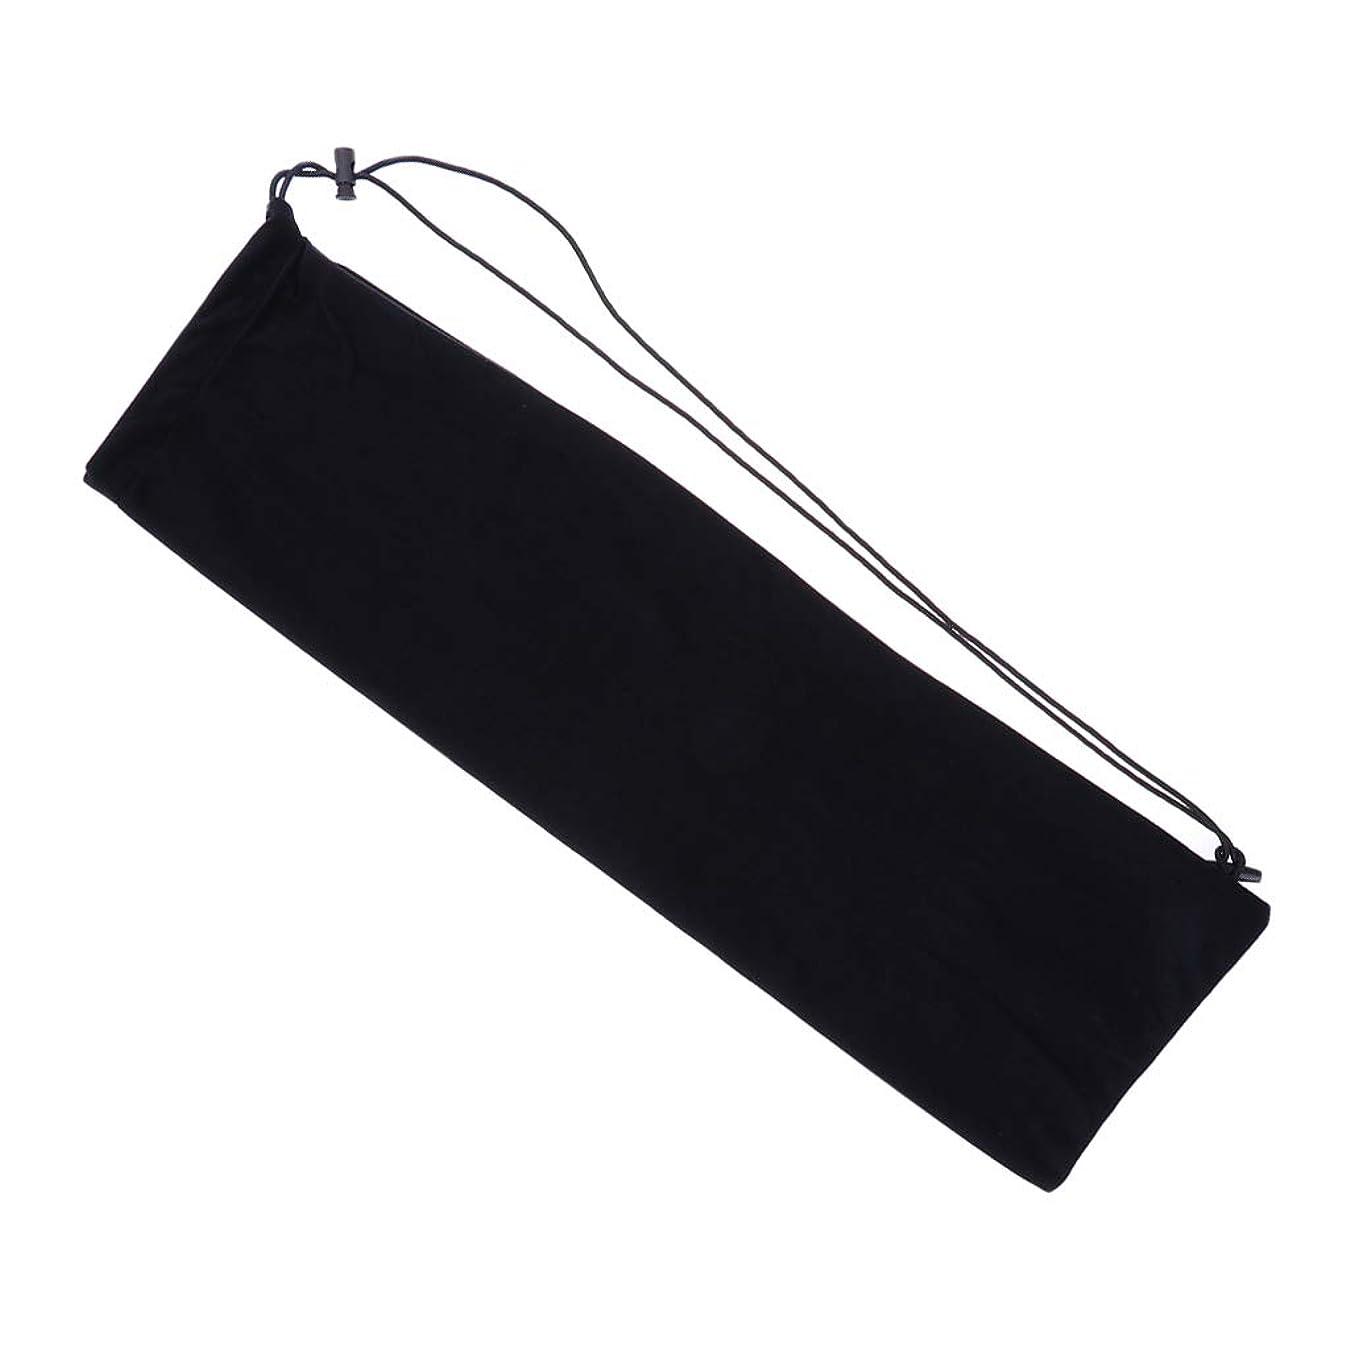 レタス上回る気取らないCUTICATE バドミントン ラケット パック 巾着ショルダー パック テニス ソフトカバー ラケットケース 調節可能